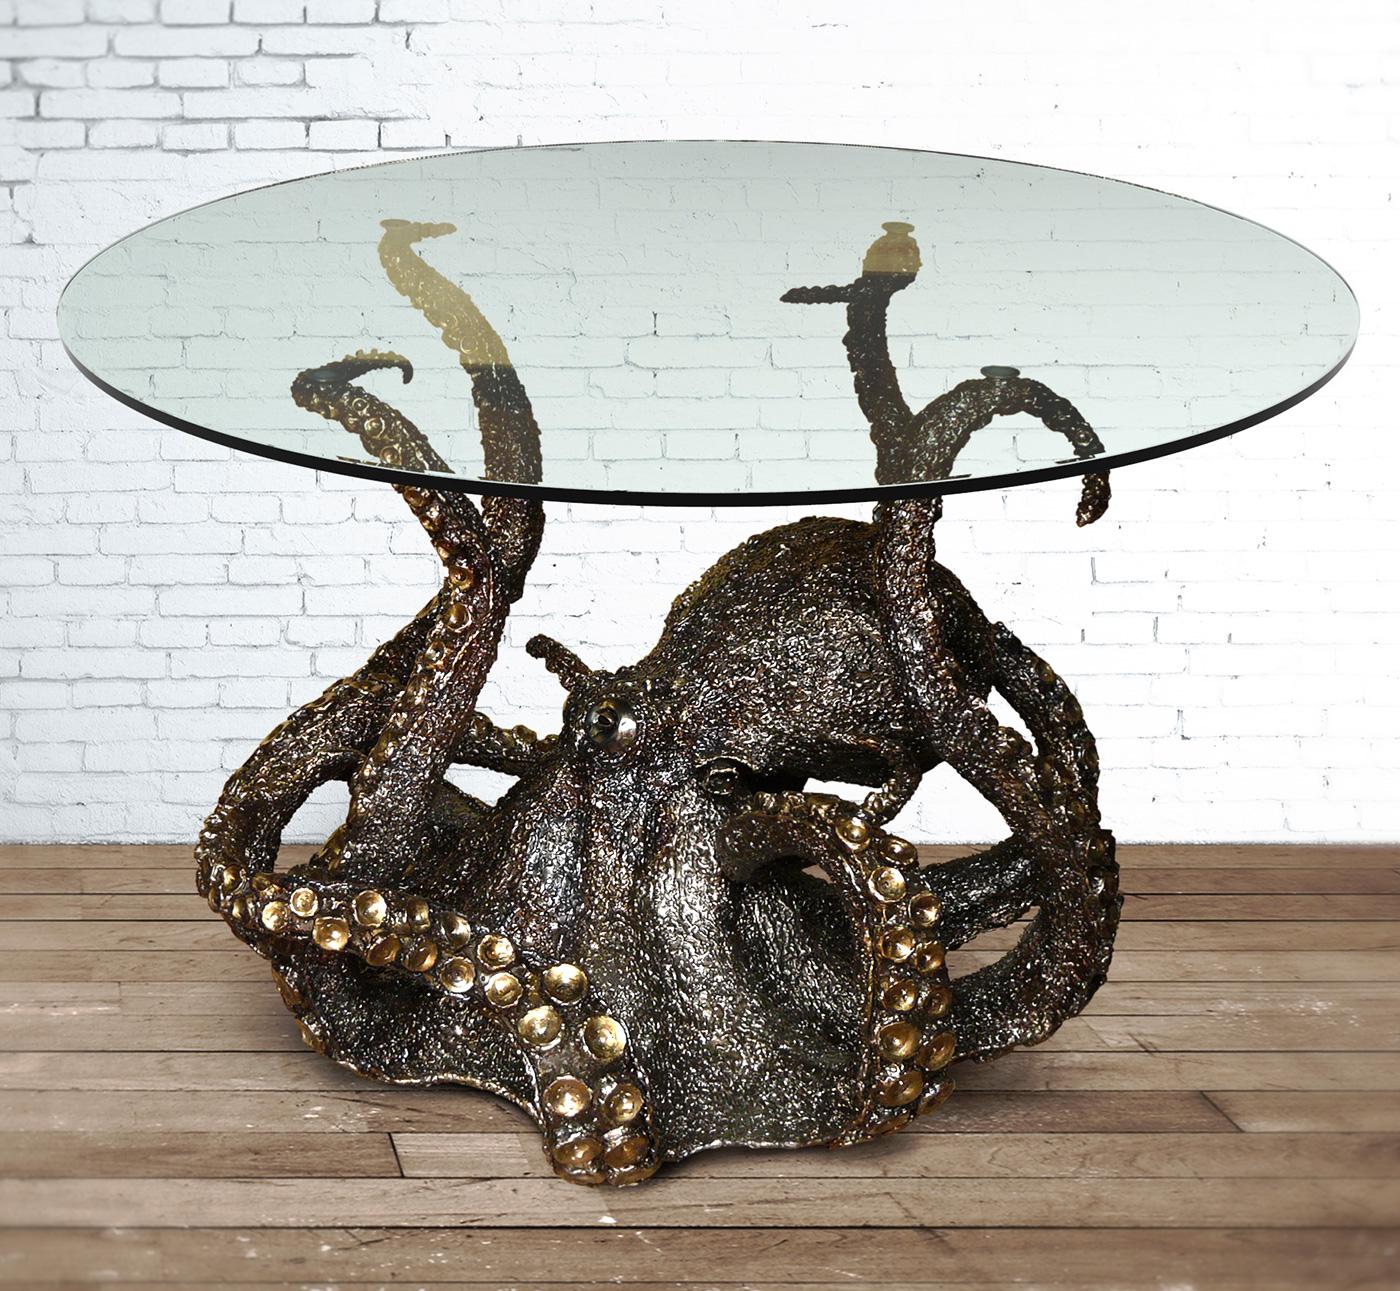 octopus_v2-2c